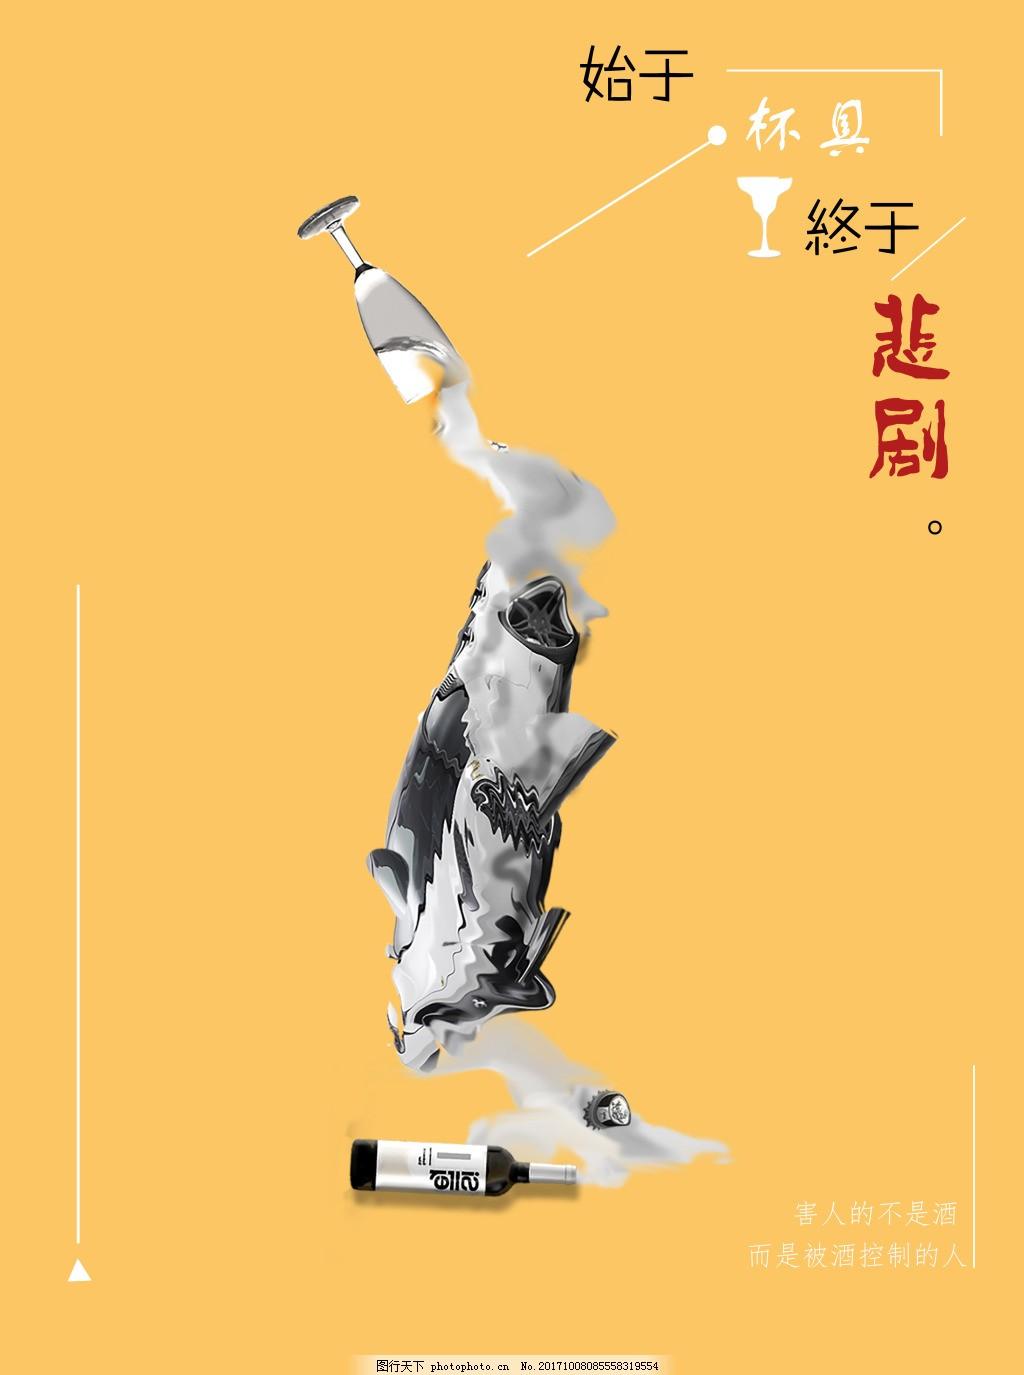 酒驾公益海报